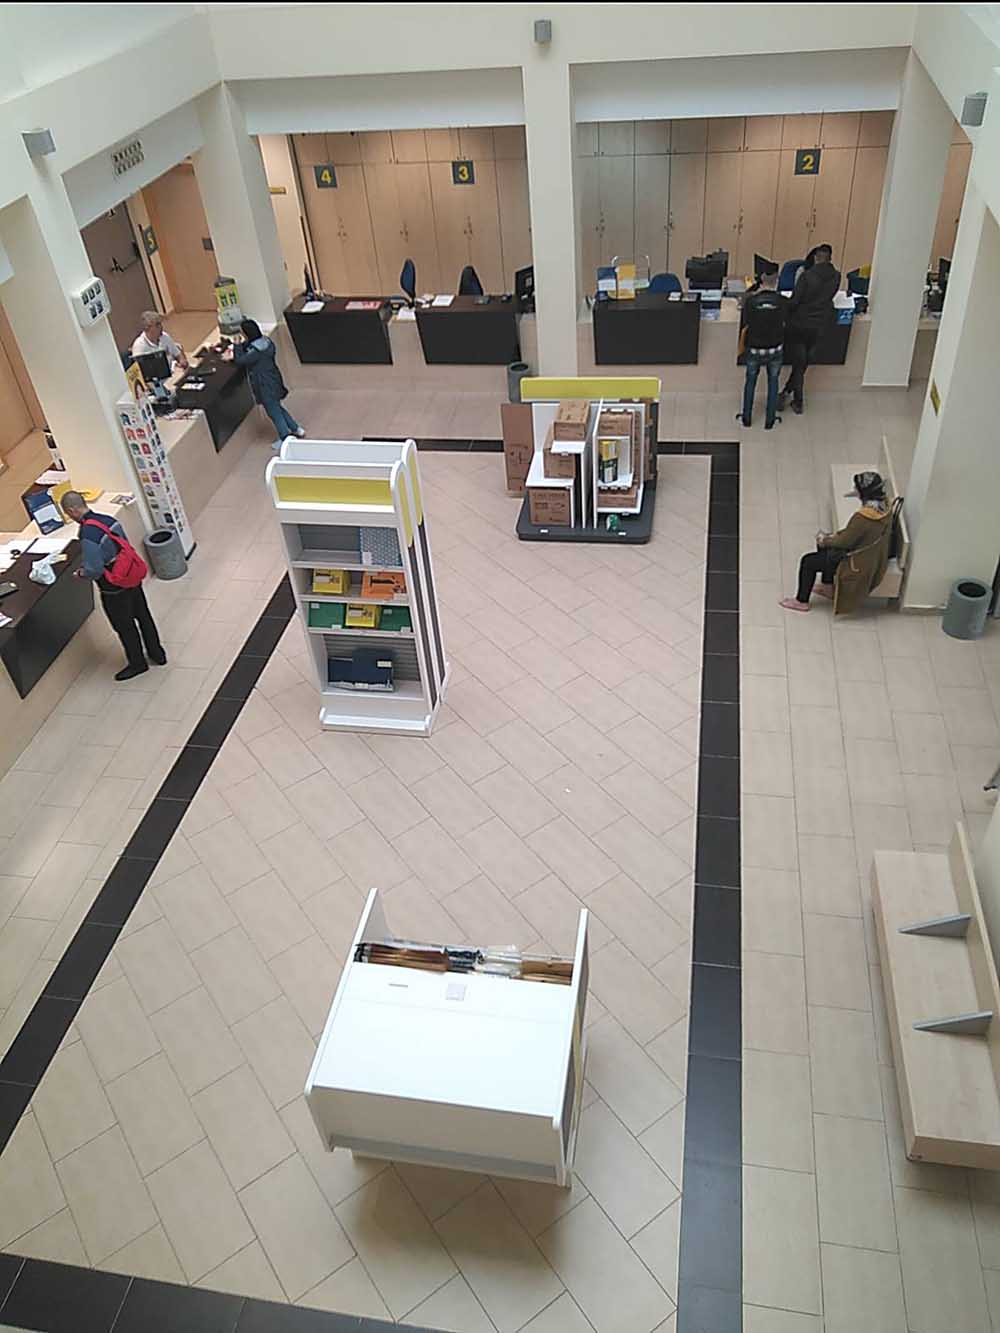 Correos renueva su oficina de plaza espa a for Oficina correos madrid